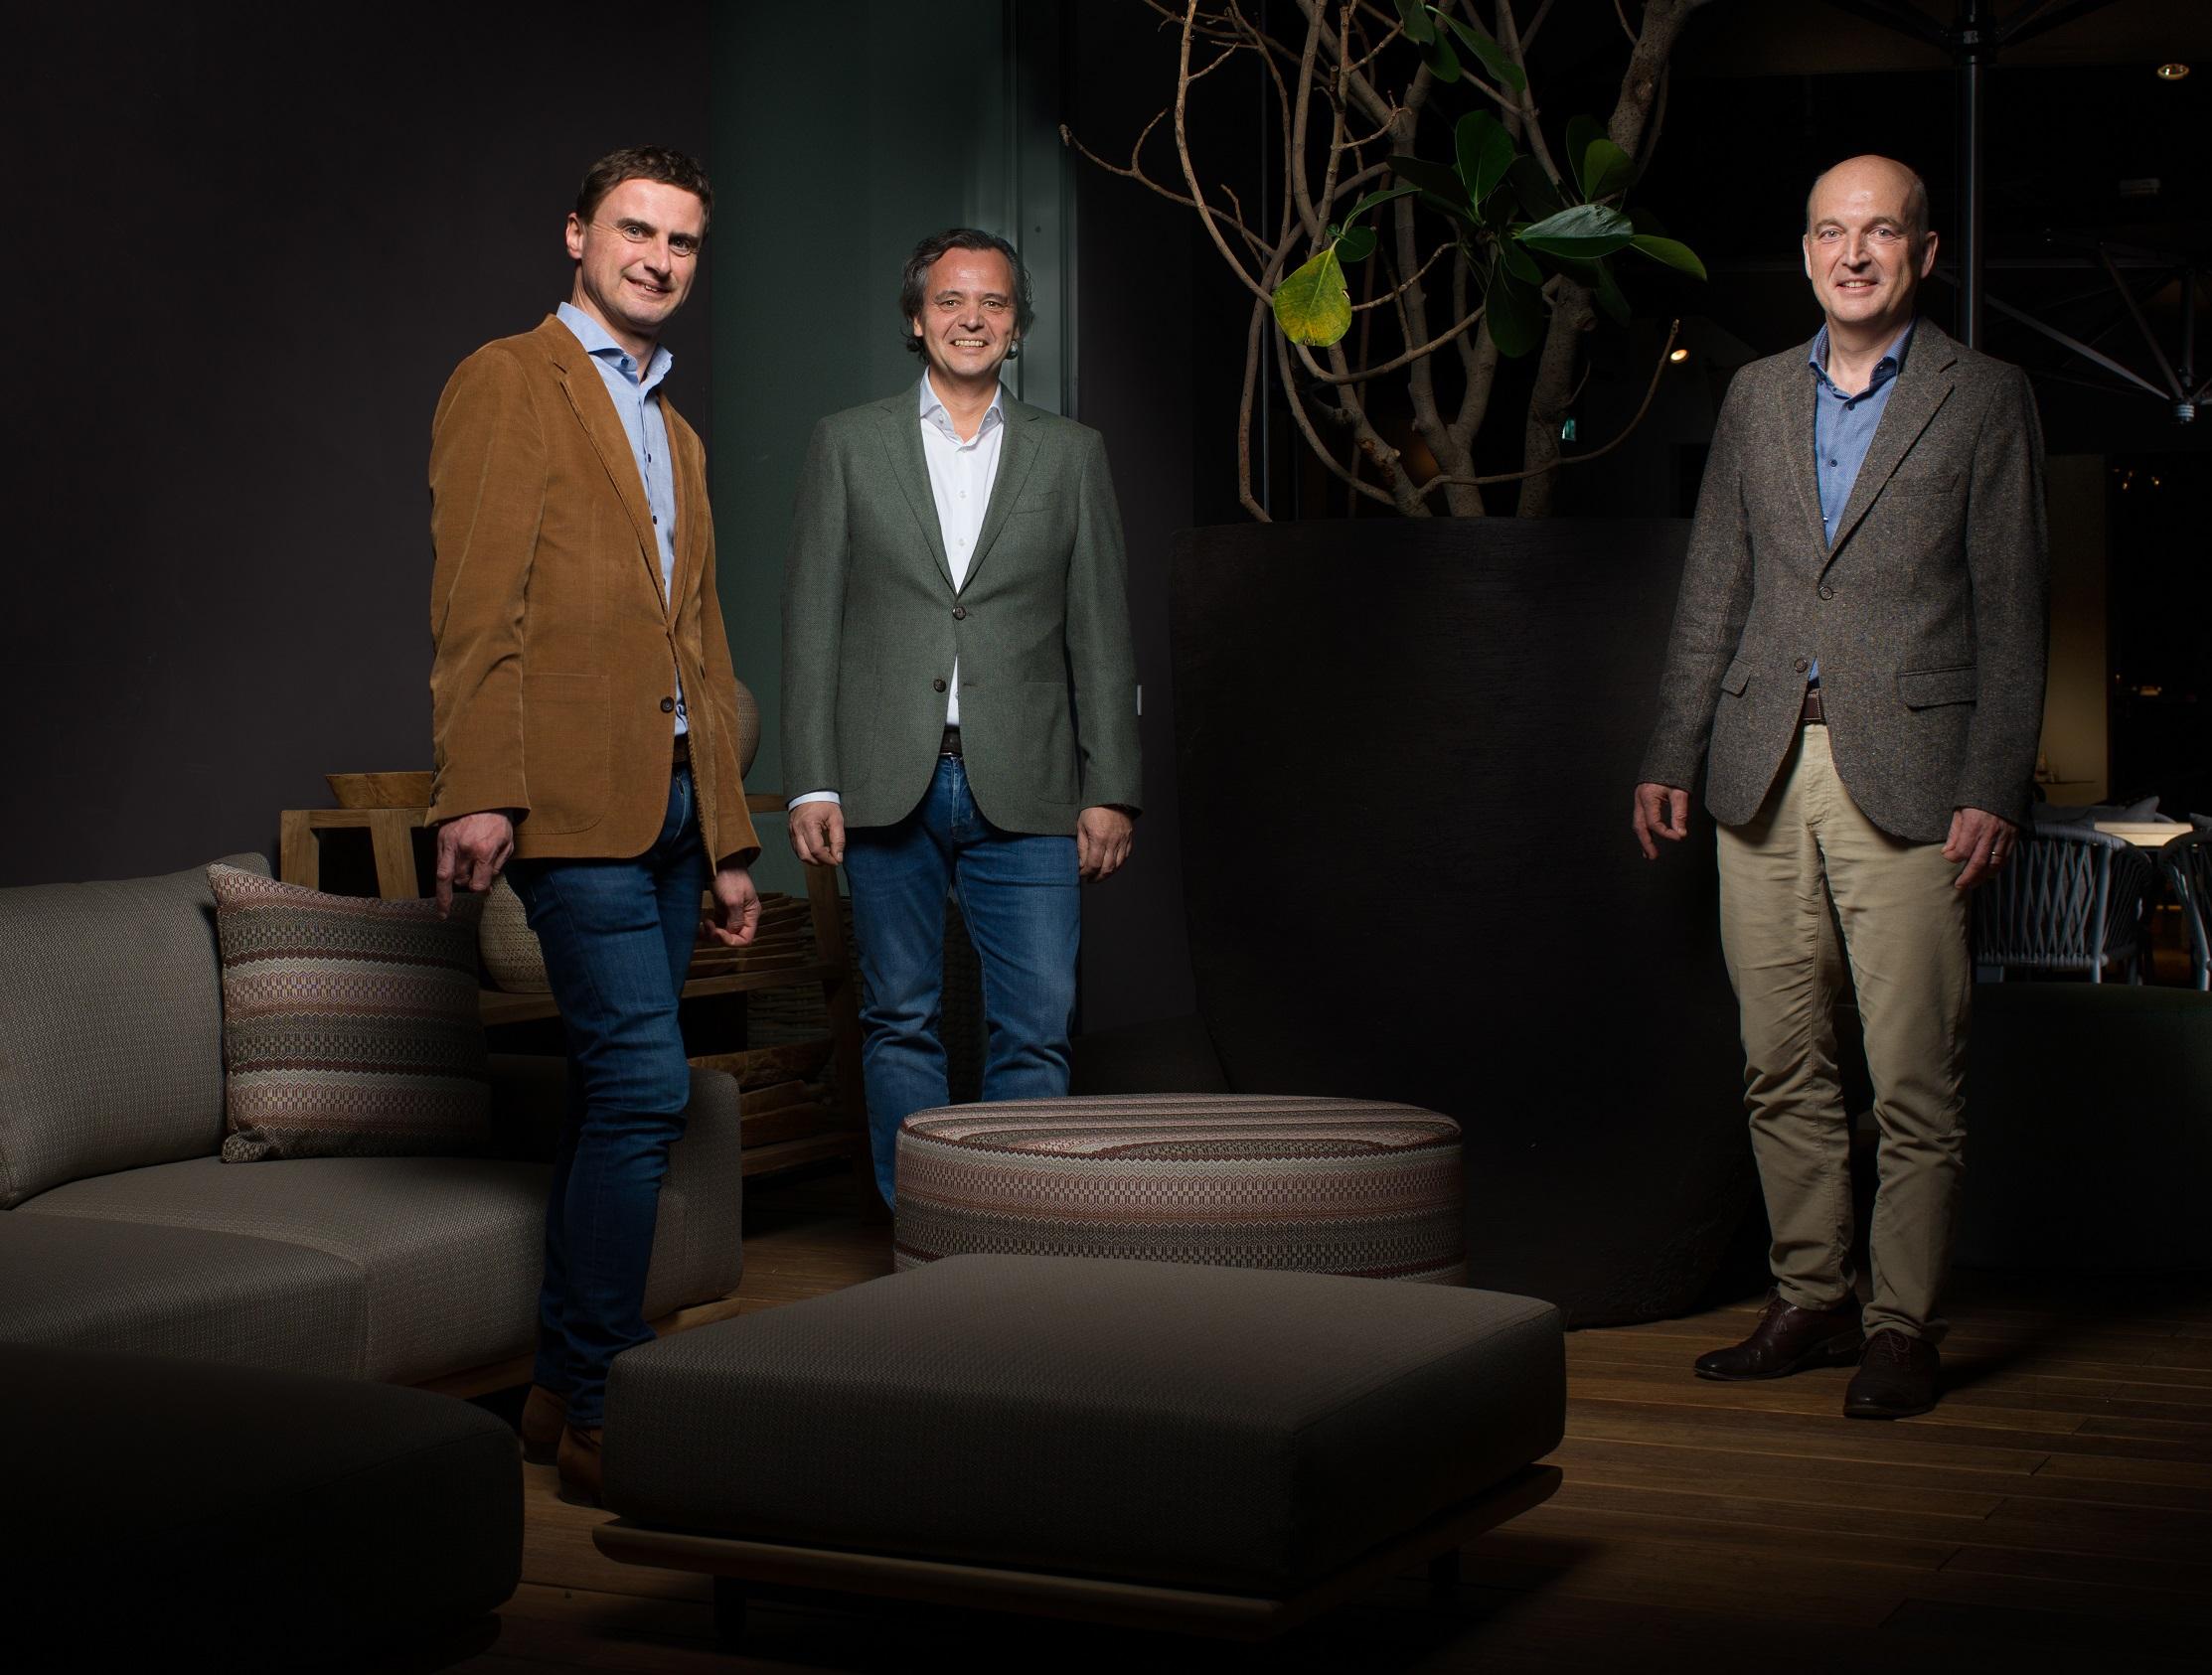 vlnr: Ast Verbiest, Frank Bogaers, Floris Vansina.